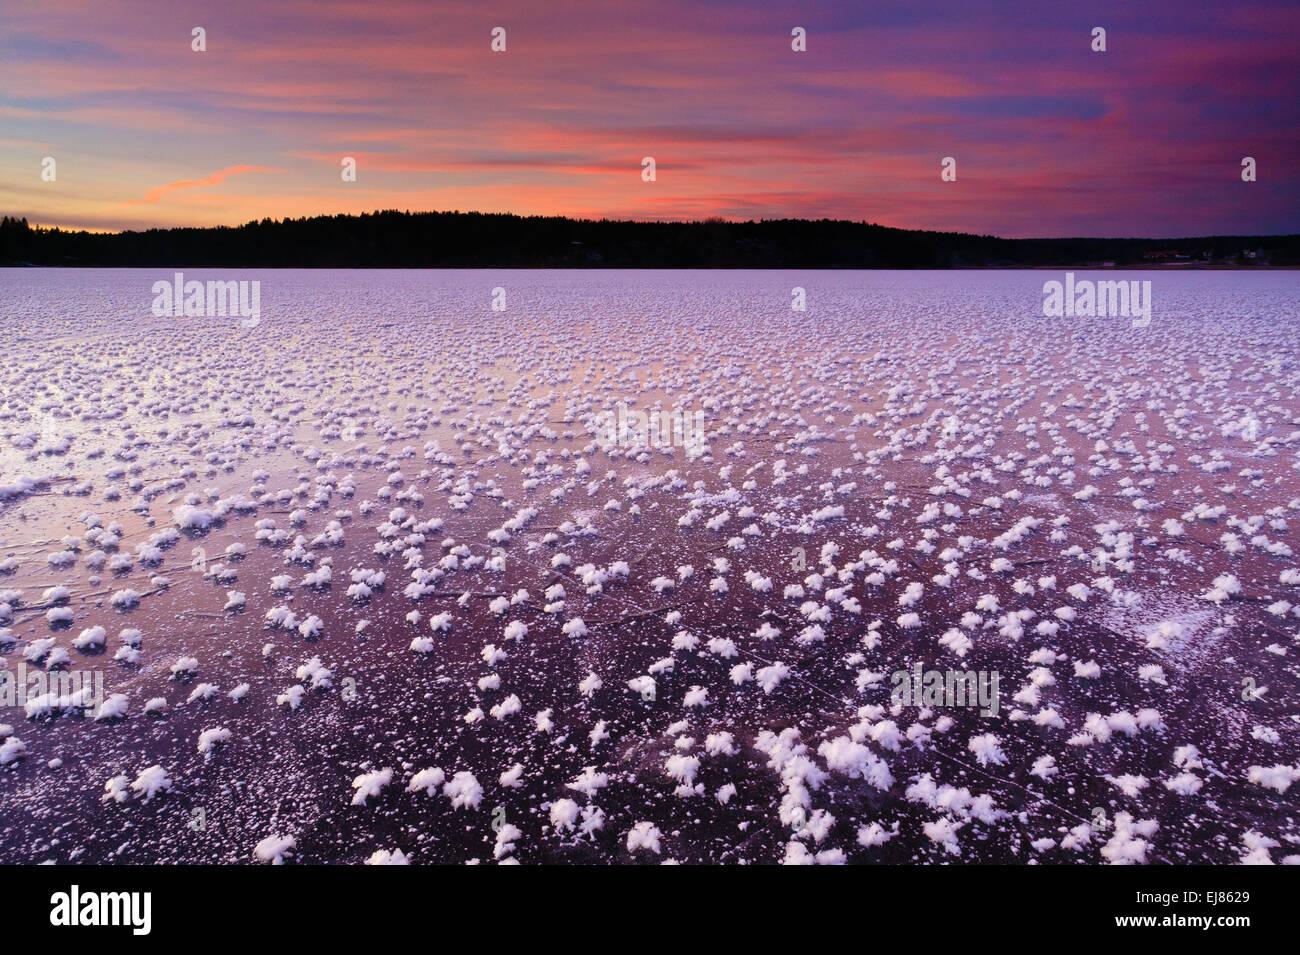 Rose di brina sul ghiaccio e cielo colorato al tramonto nel lago Vansjø, Østfold fylke, Norvegia. Immagini Stock